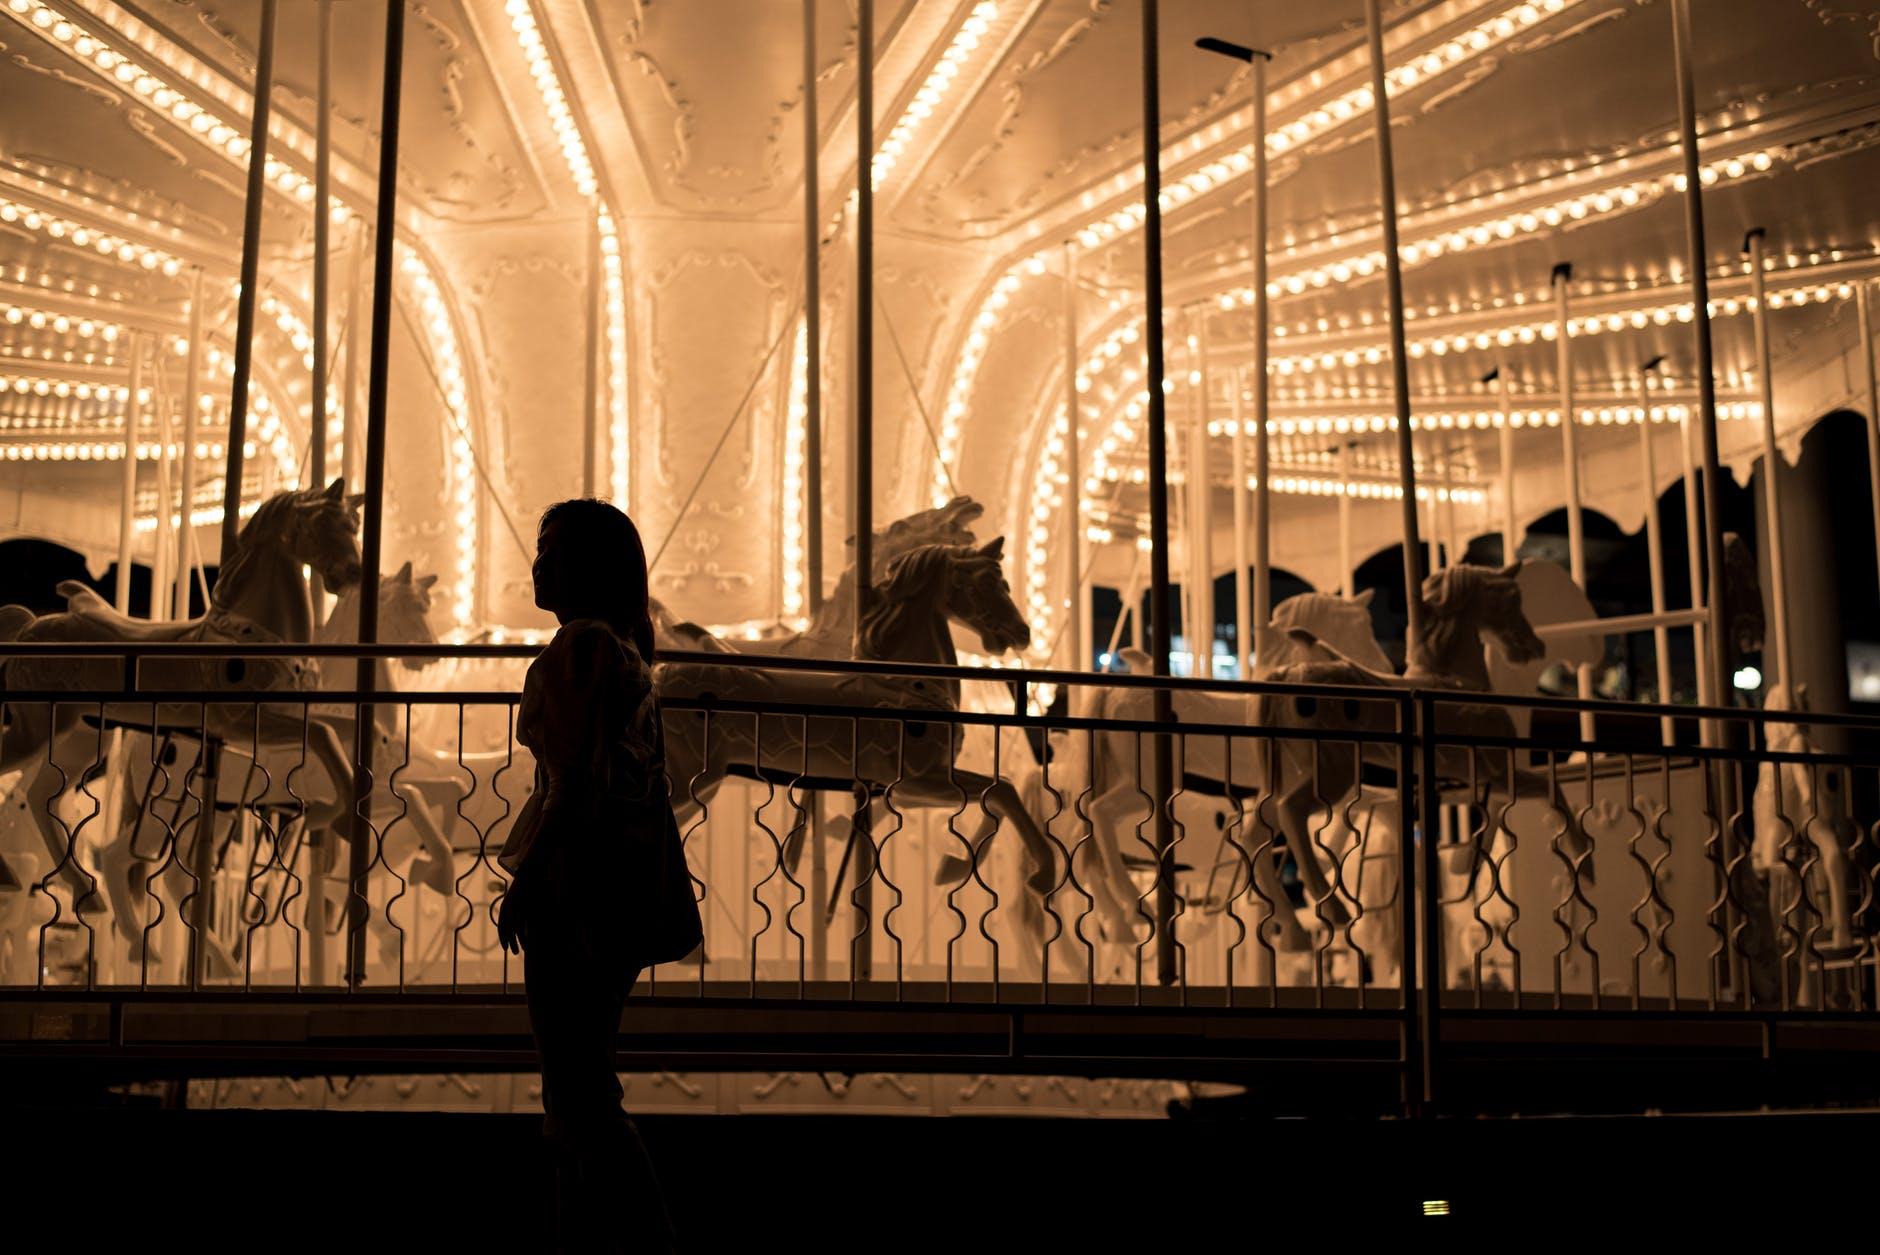 girl standing near carousel